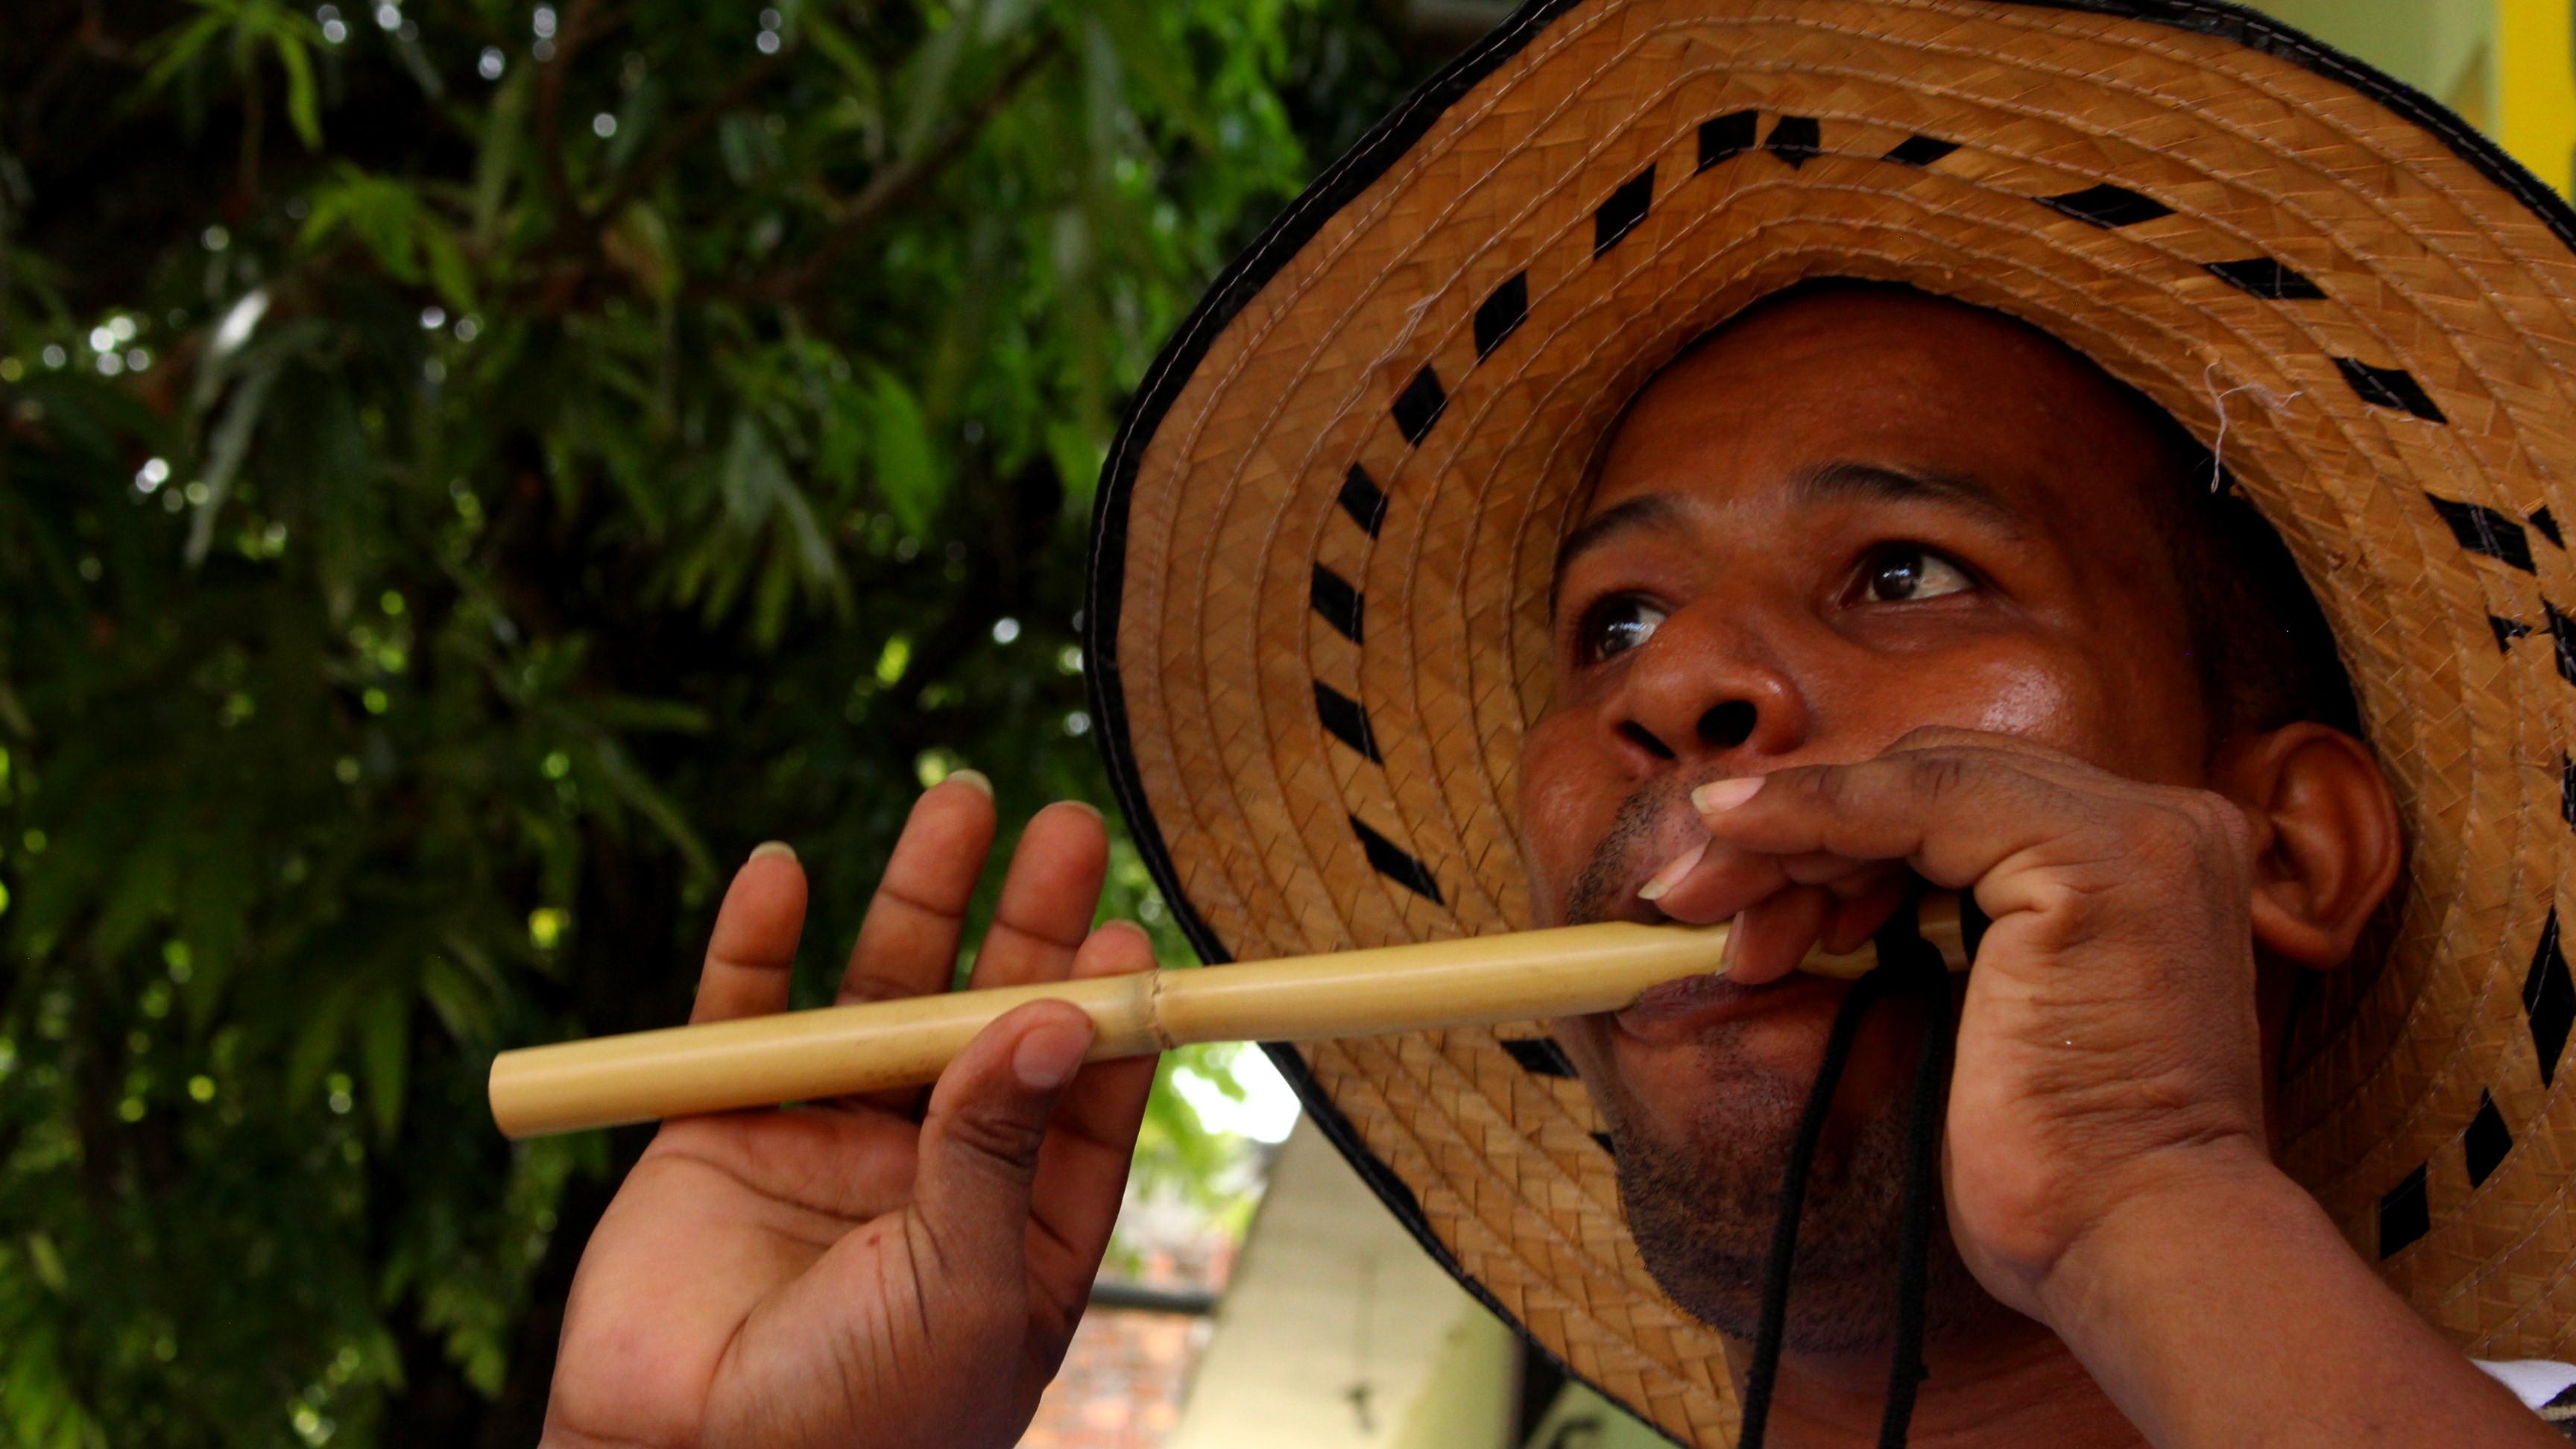 Aprender a tocar Flauta de millo